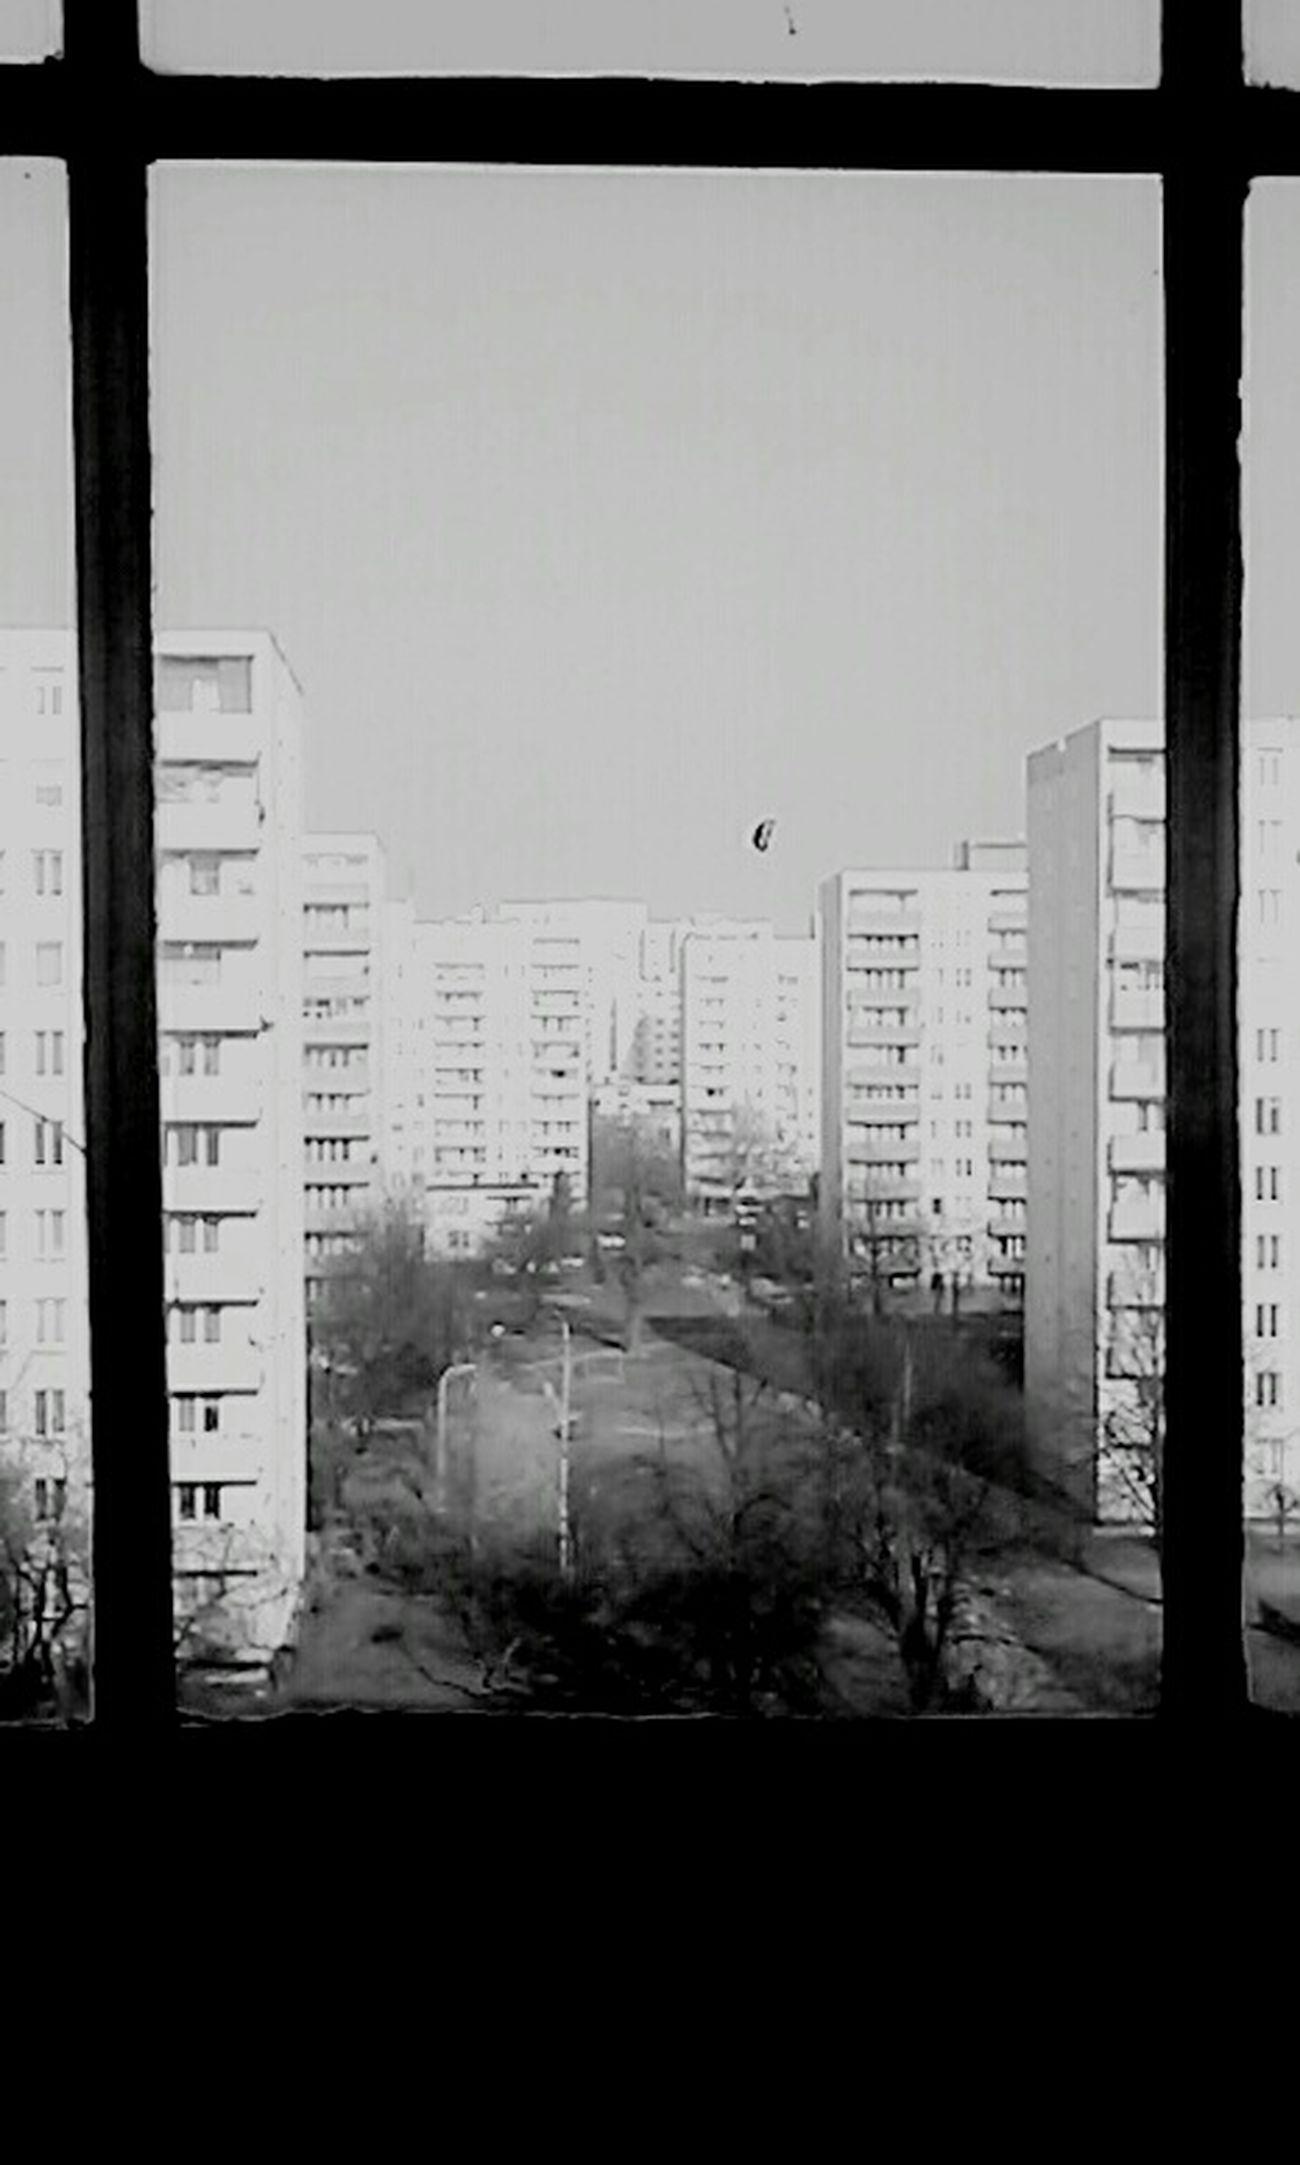 Warsaw Warsaw Poland City Szaro Buro Sunny Day View